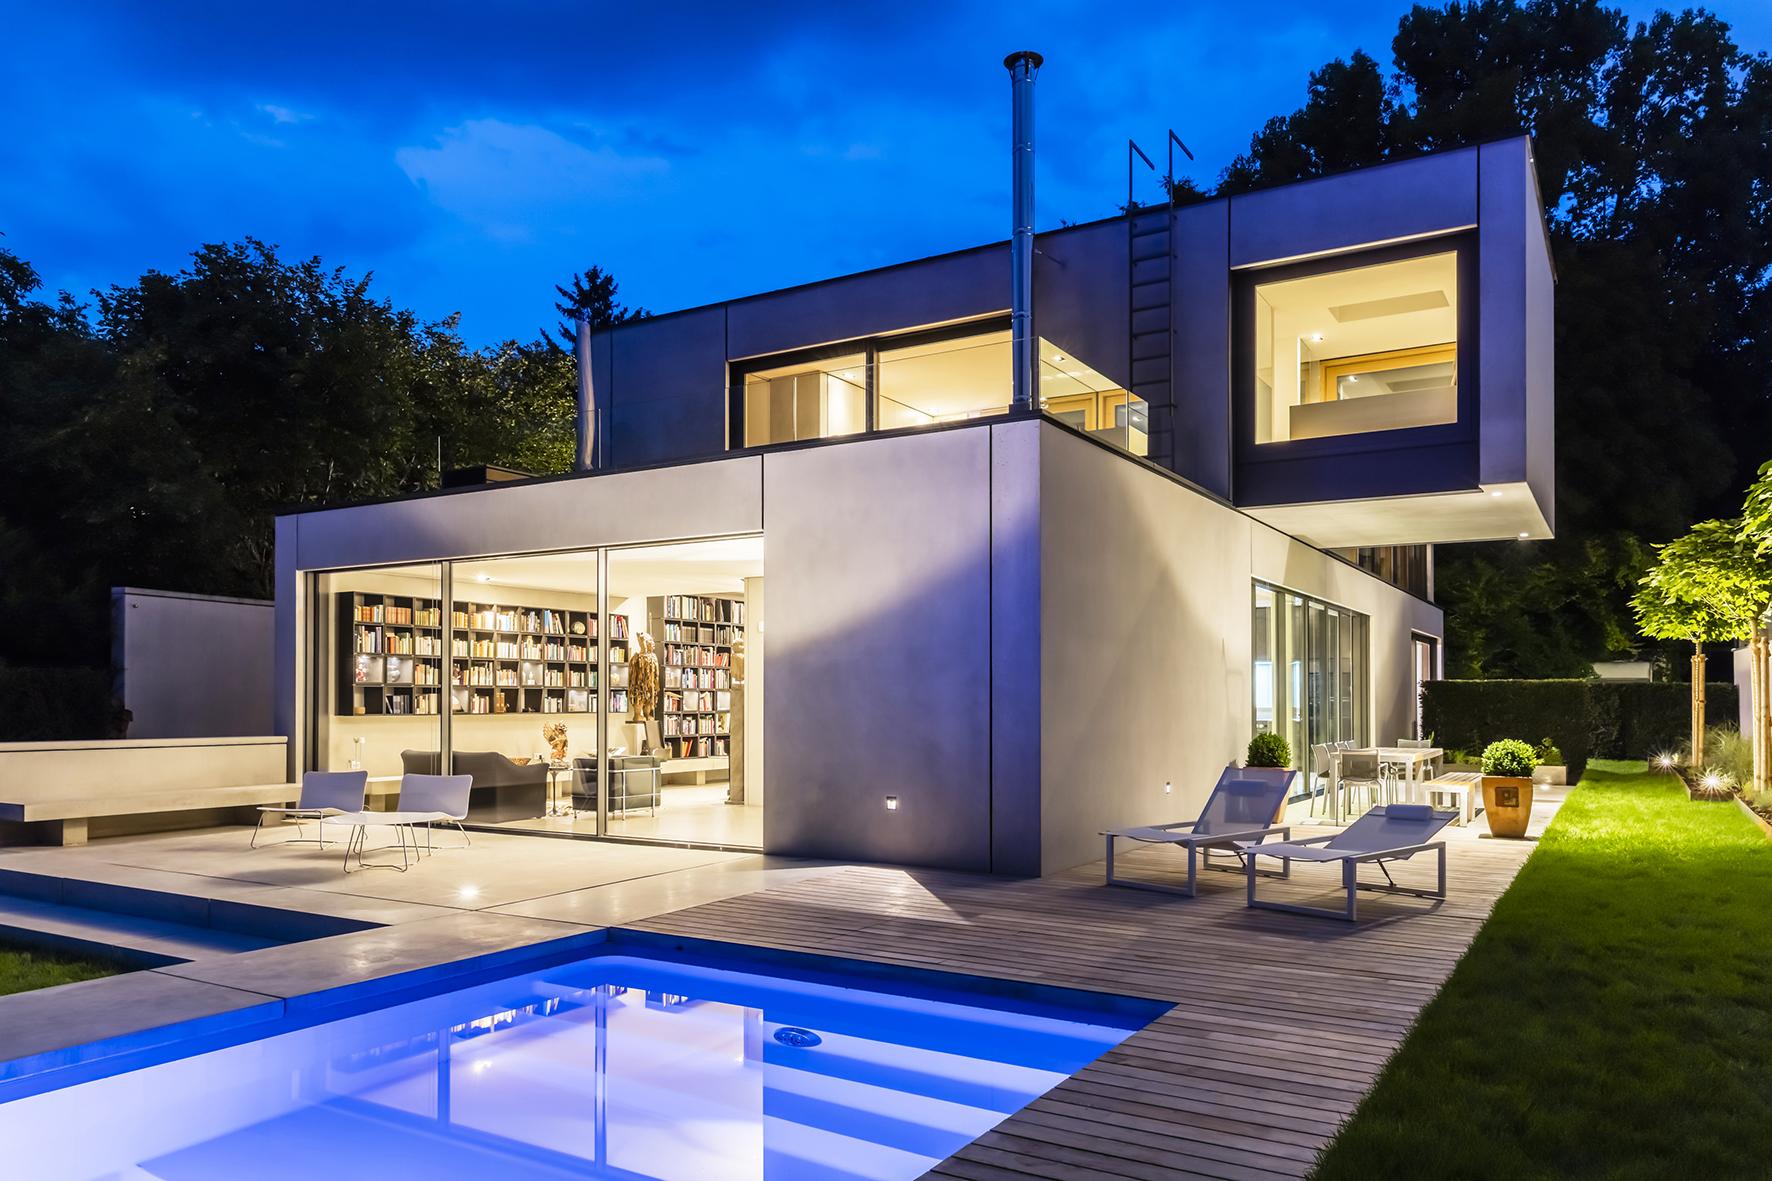 Gartenseite Mit Pool Und Terrasse